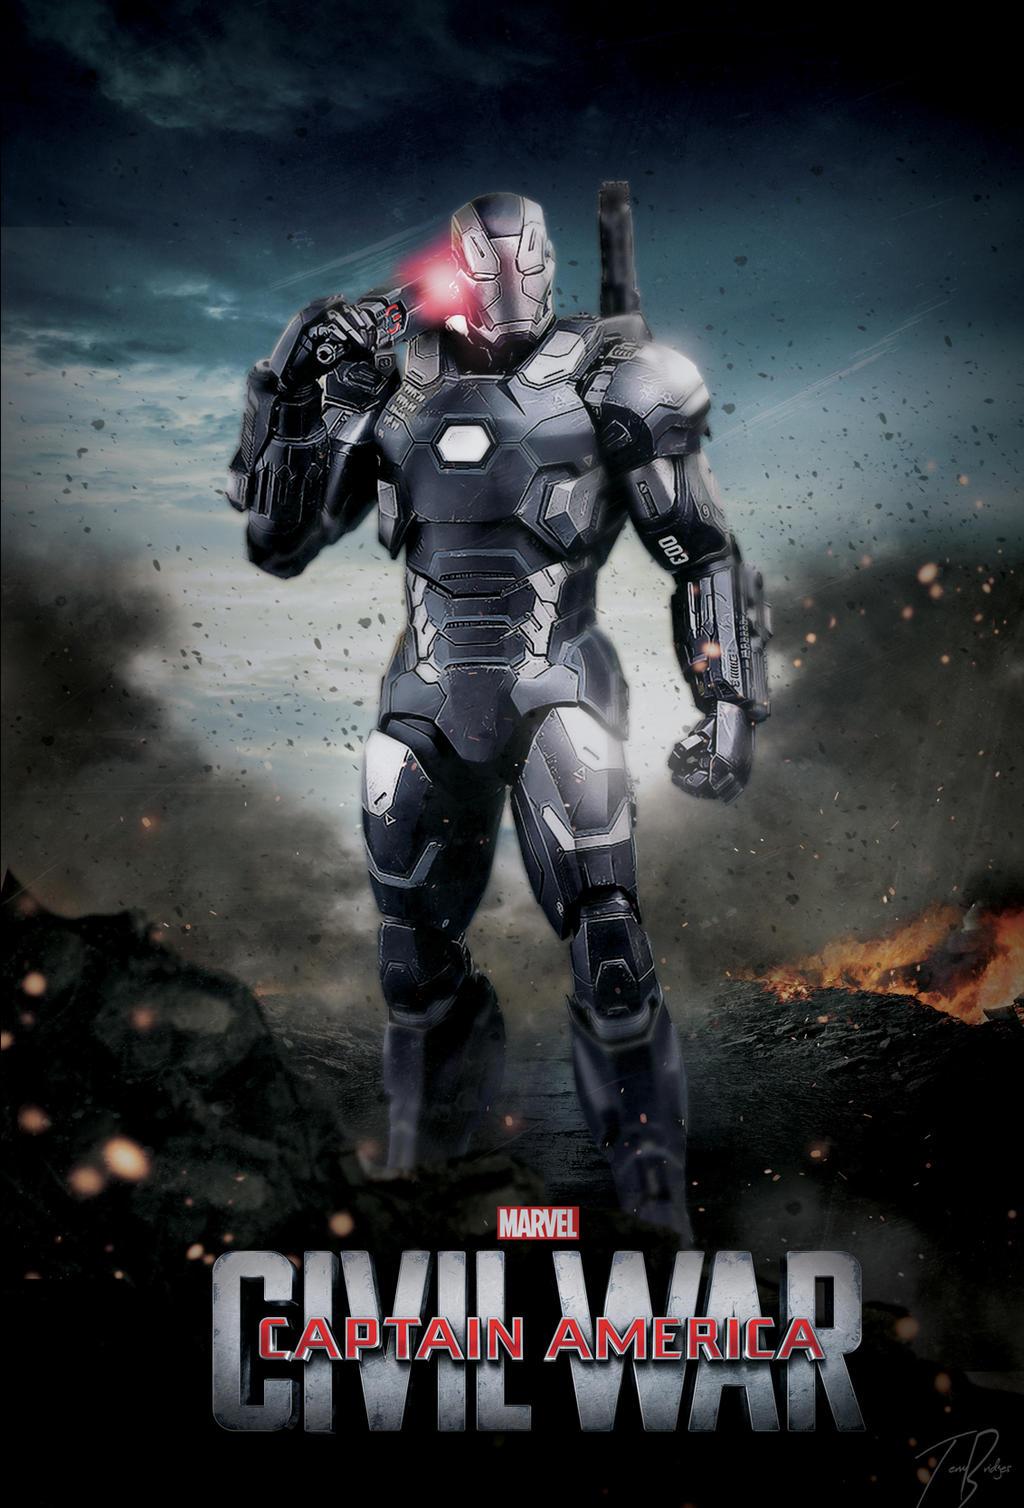 Captain America Civil War Poster :War Machine by HZ-Designs on ...